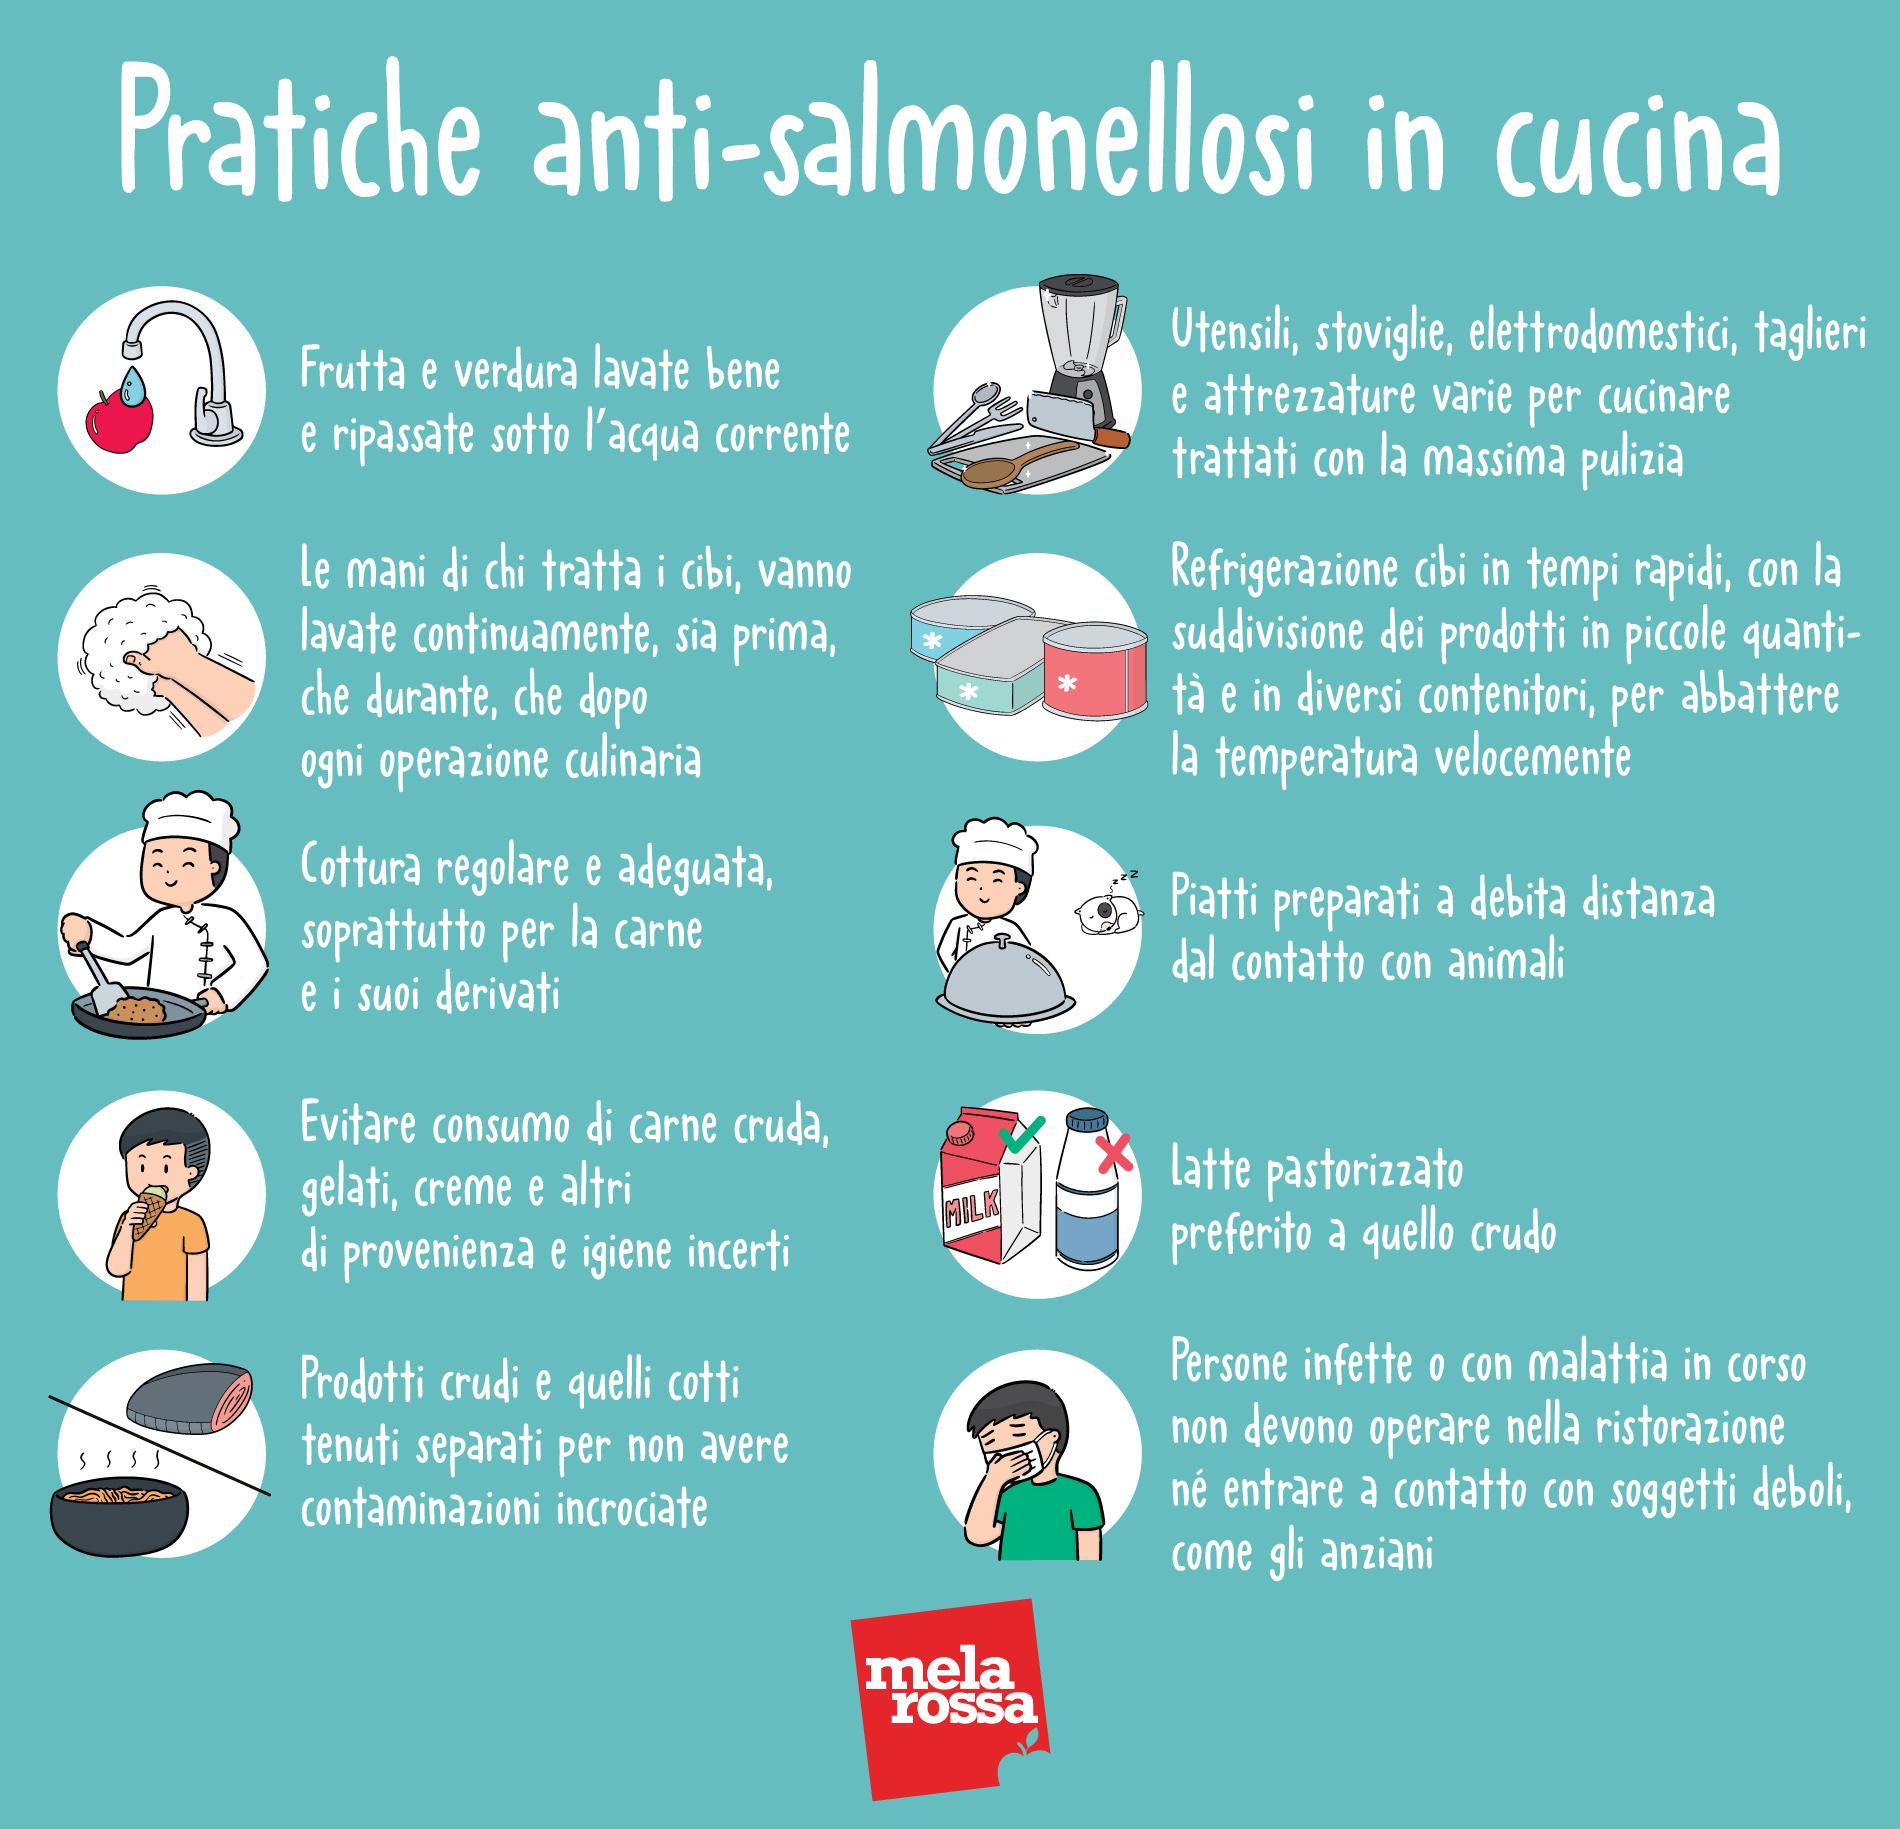 salonella: prevenzione in cucina